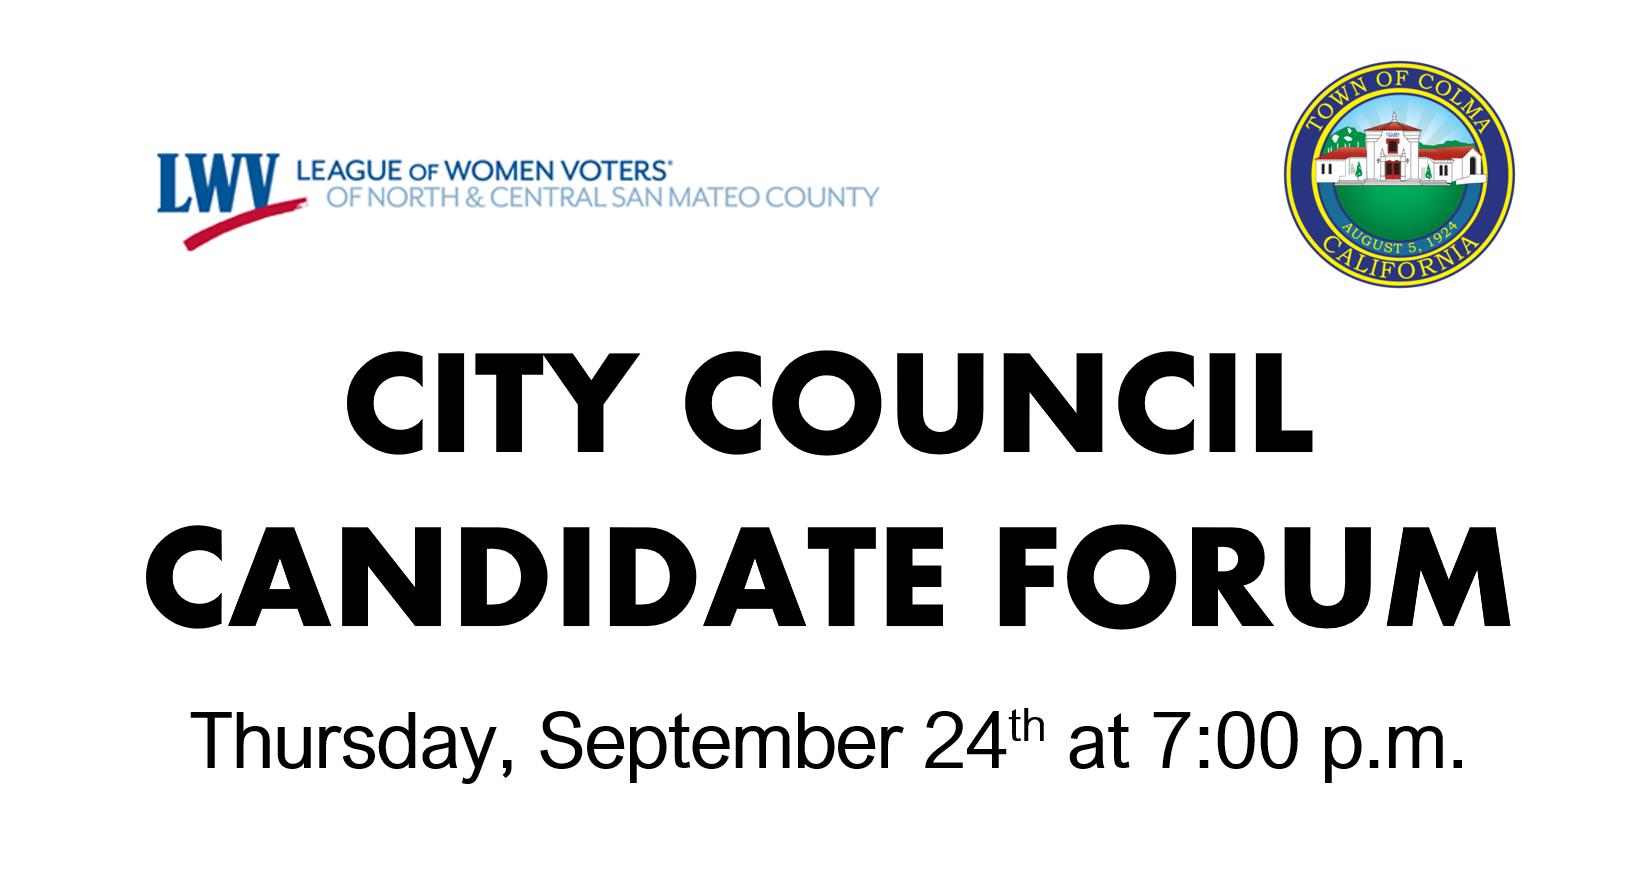 Candidate Forum on Thursday, September 24